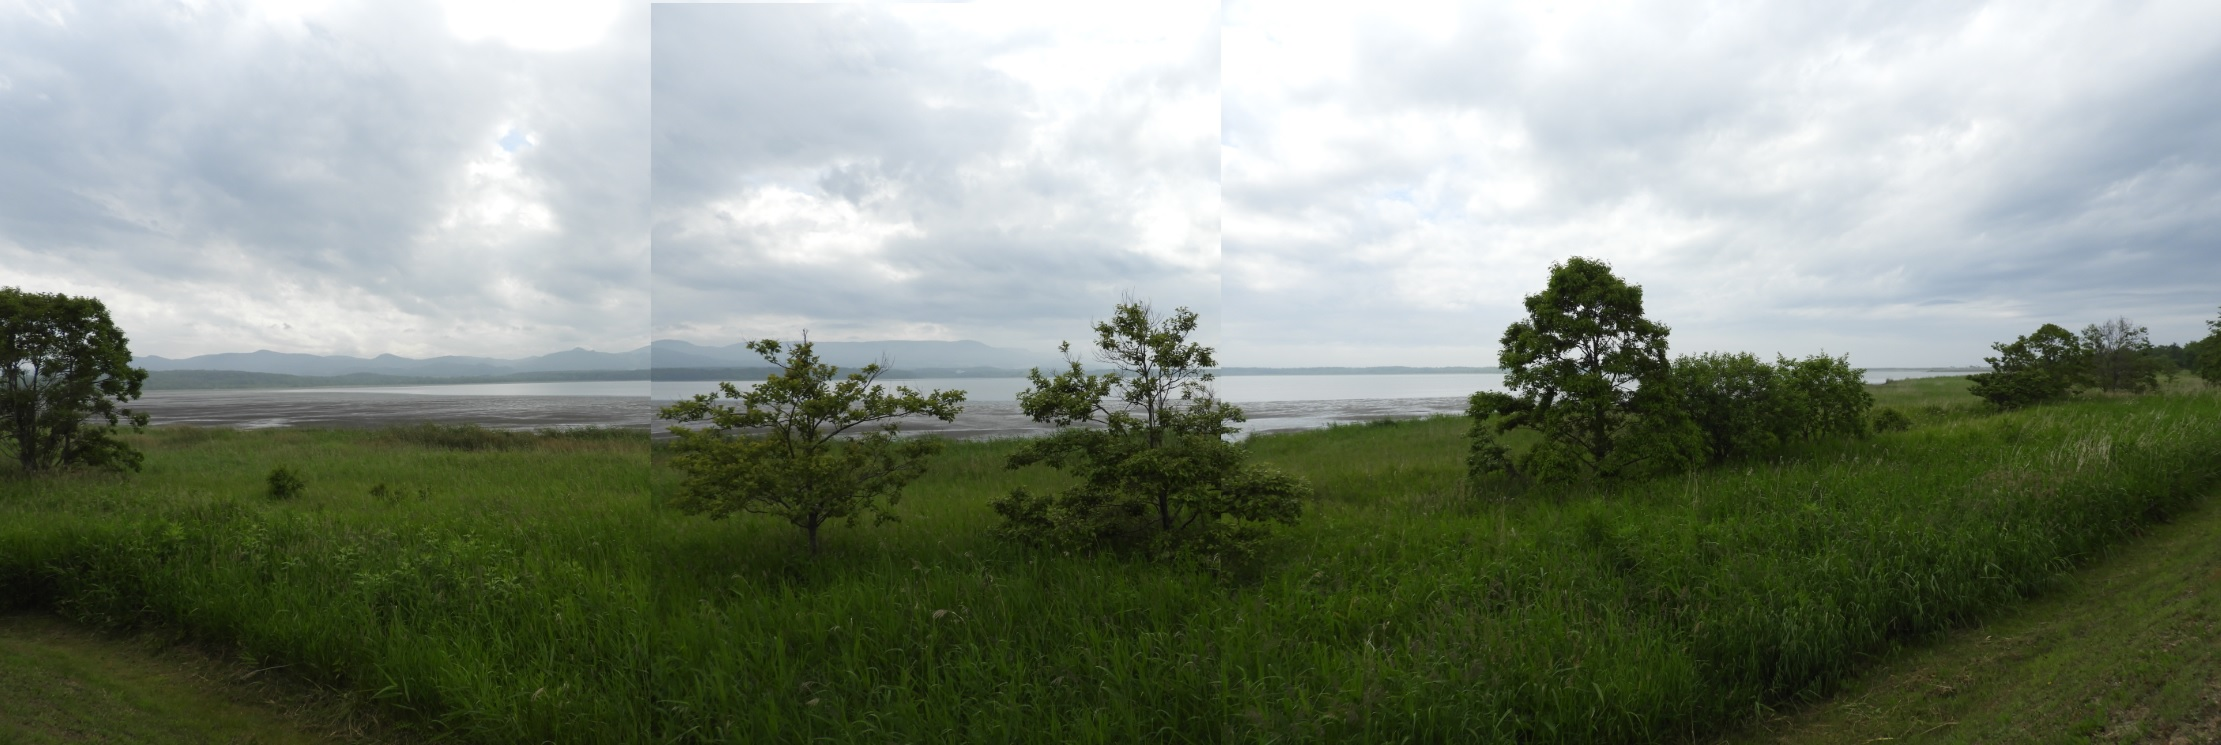 コムケ湖(全容)